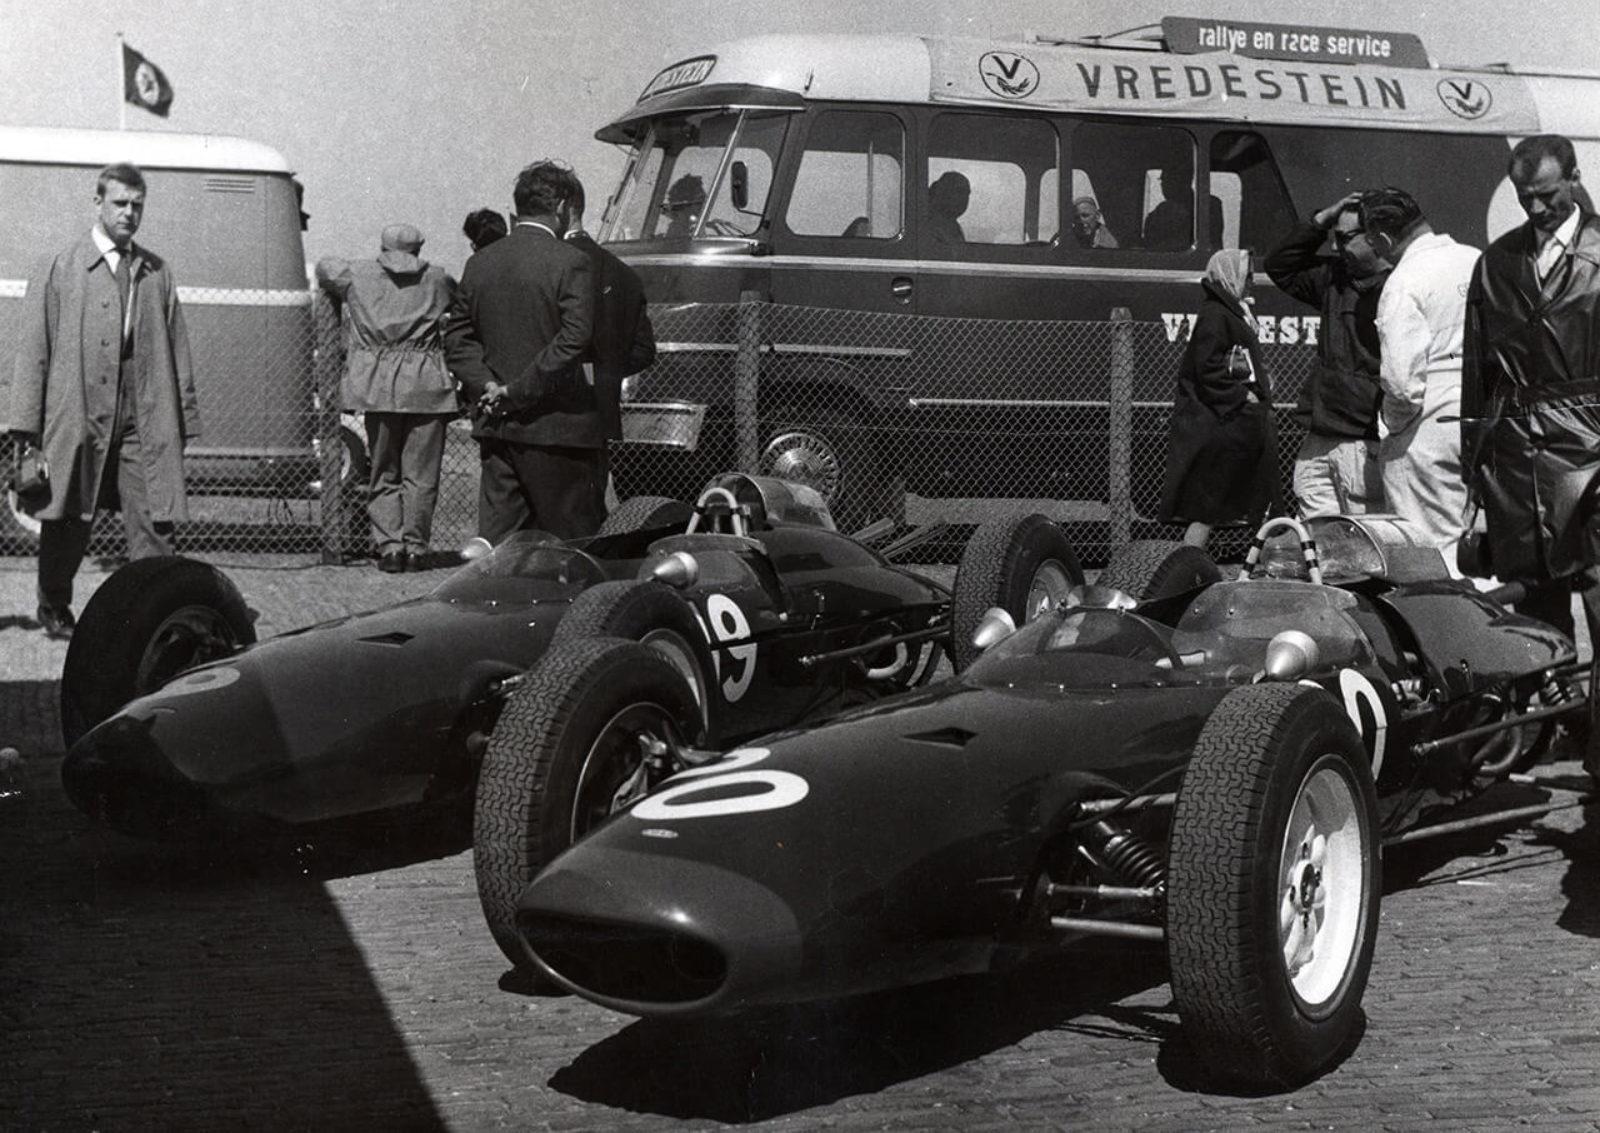 C:\Users\user\Desktop\Статья 2\08-Zandvoort_Racing.jpg